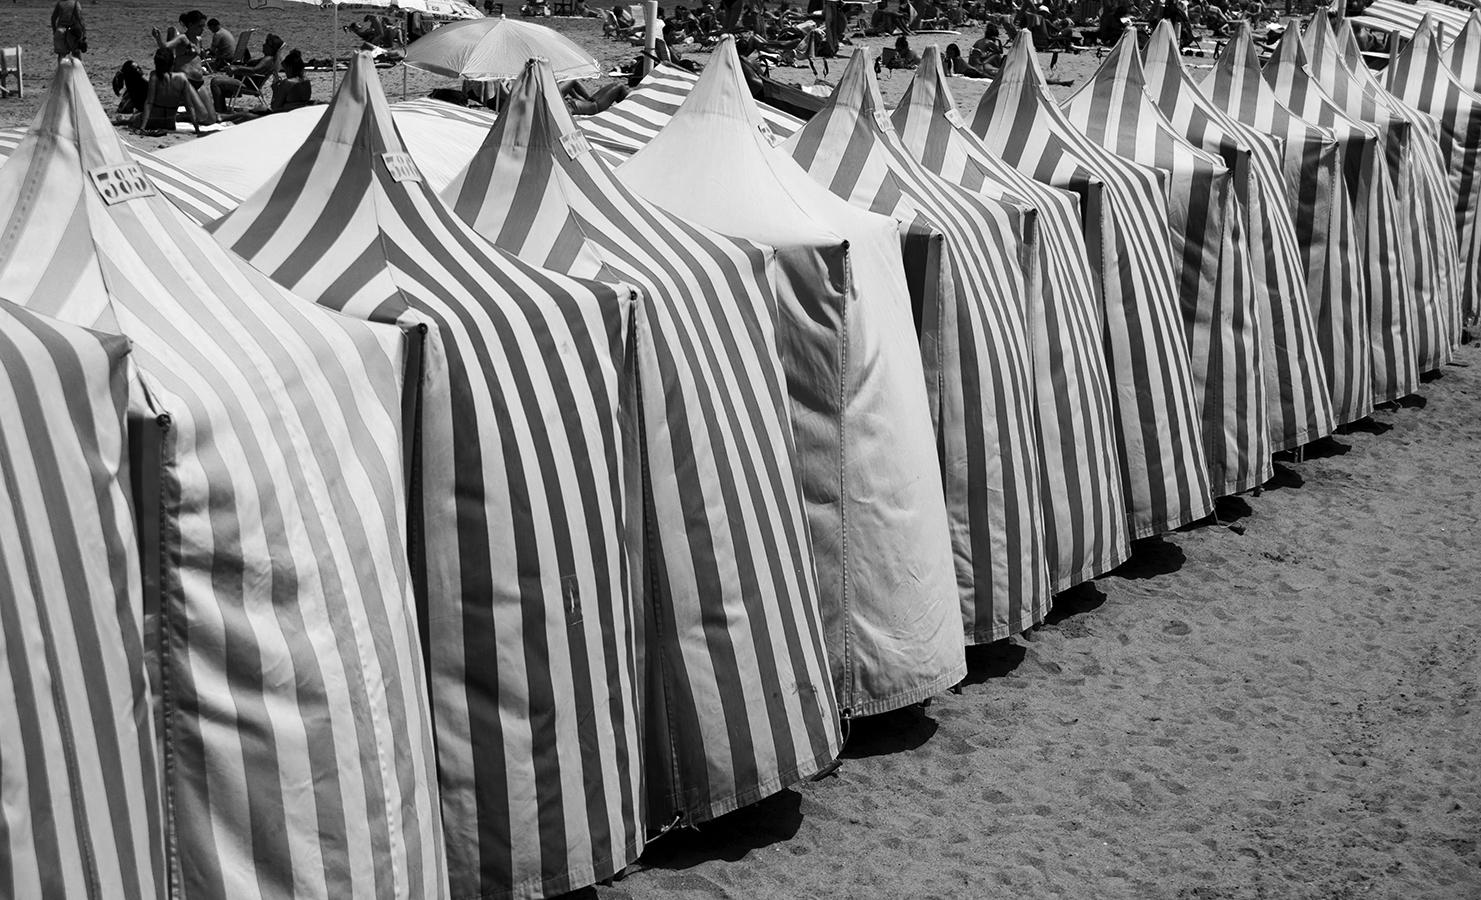 Casetas de playa | 2014 | Zarautz, España - Blanco y Negro - Miguel Naya | Photography